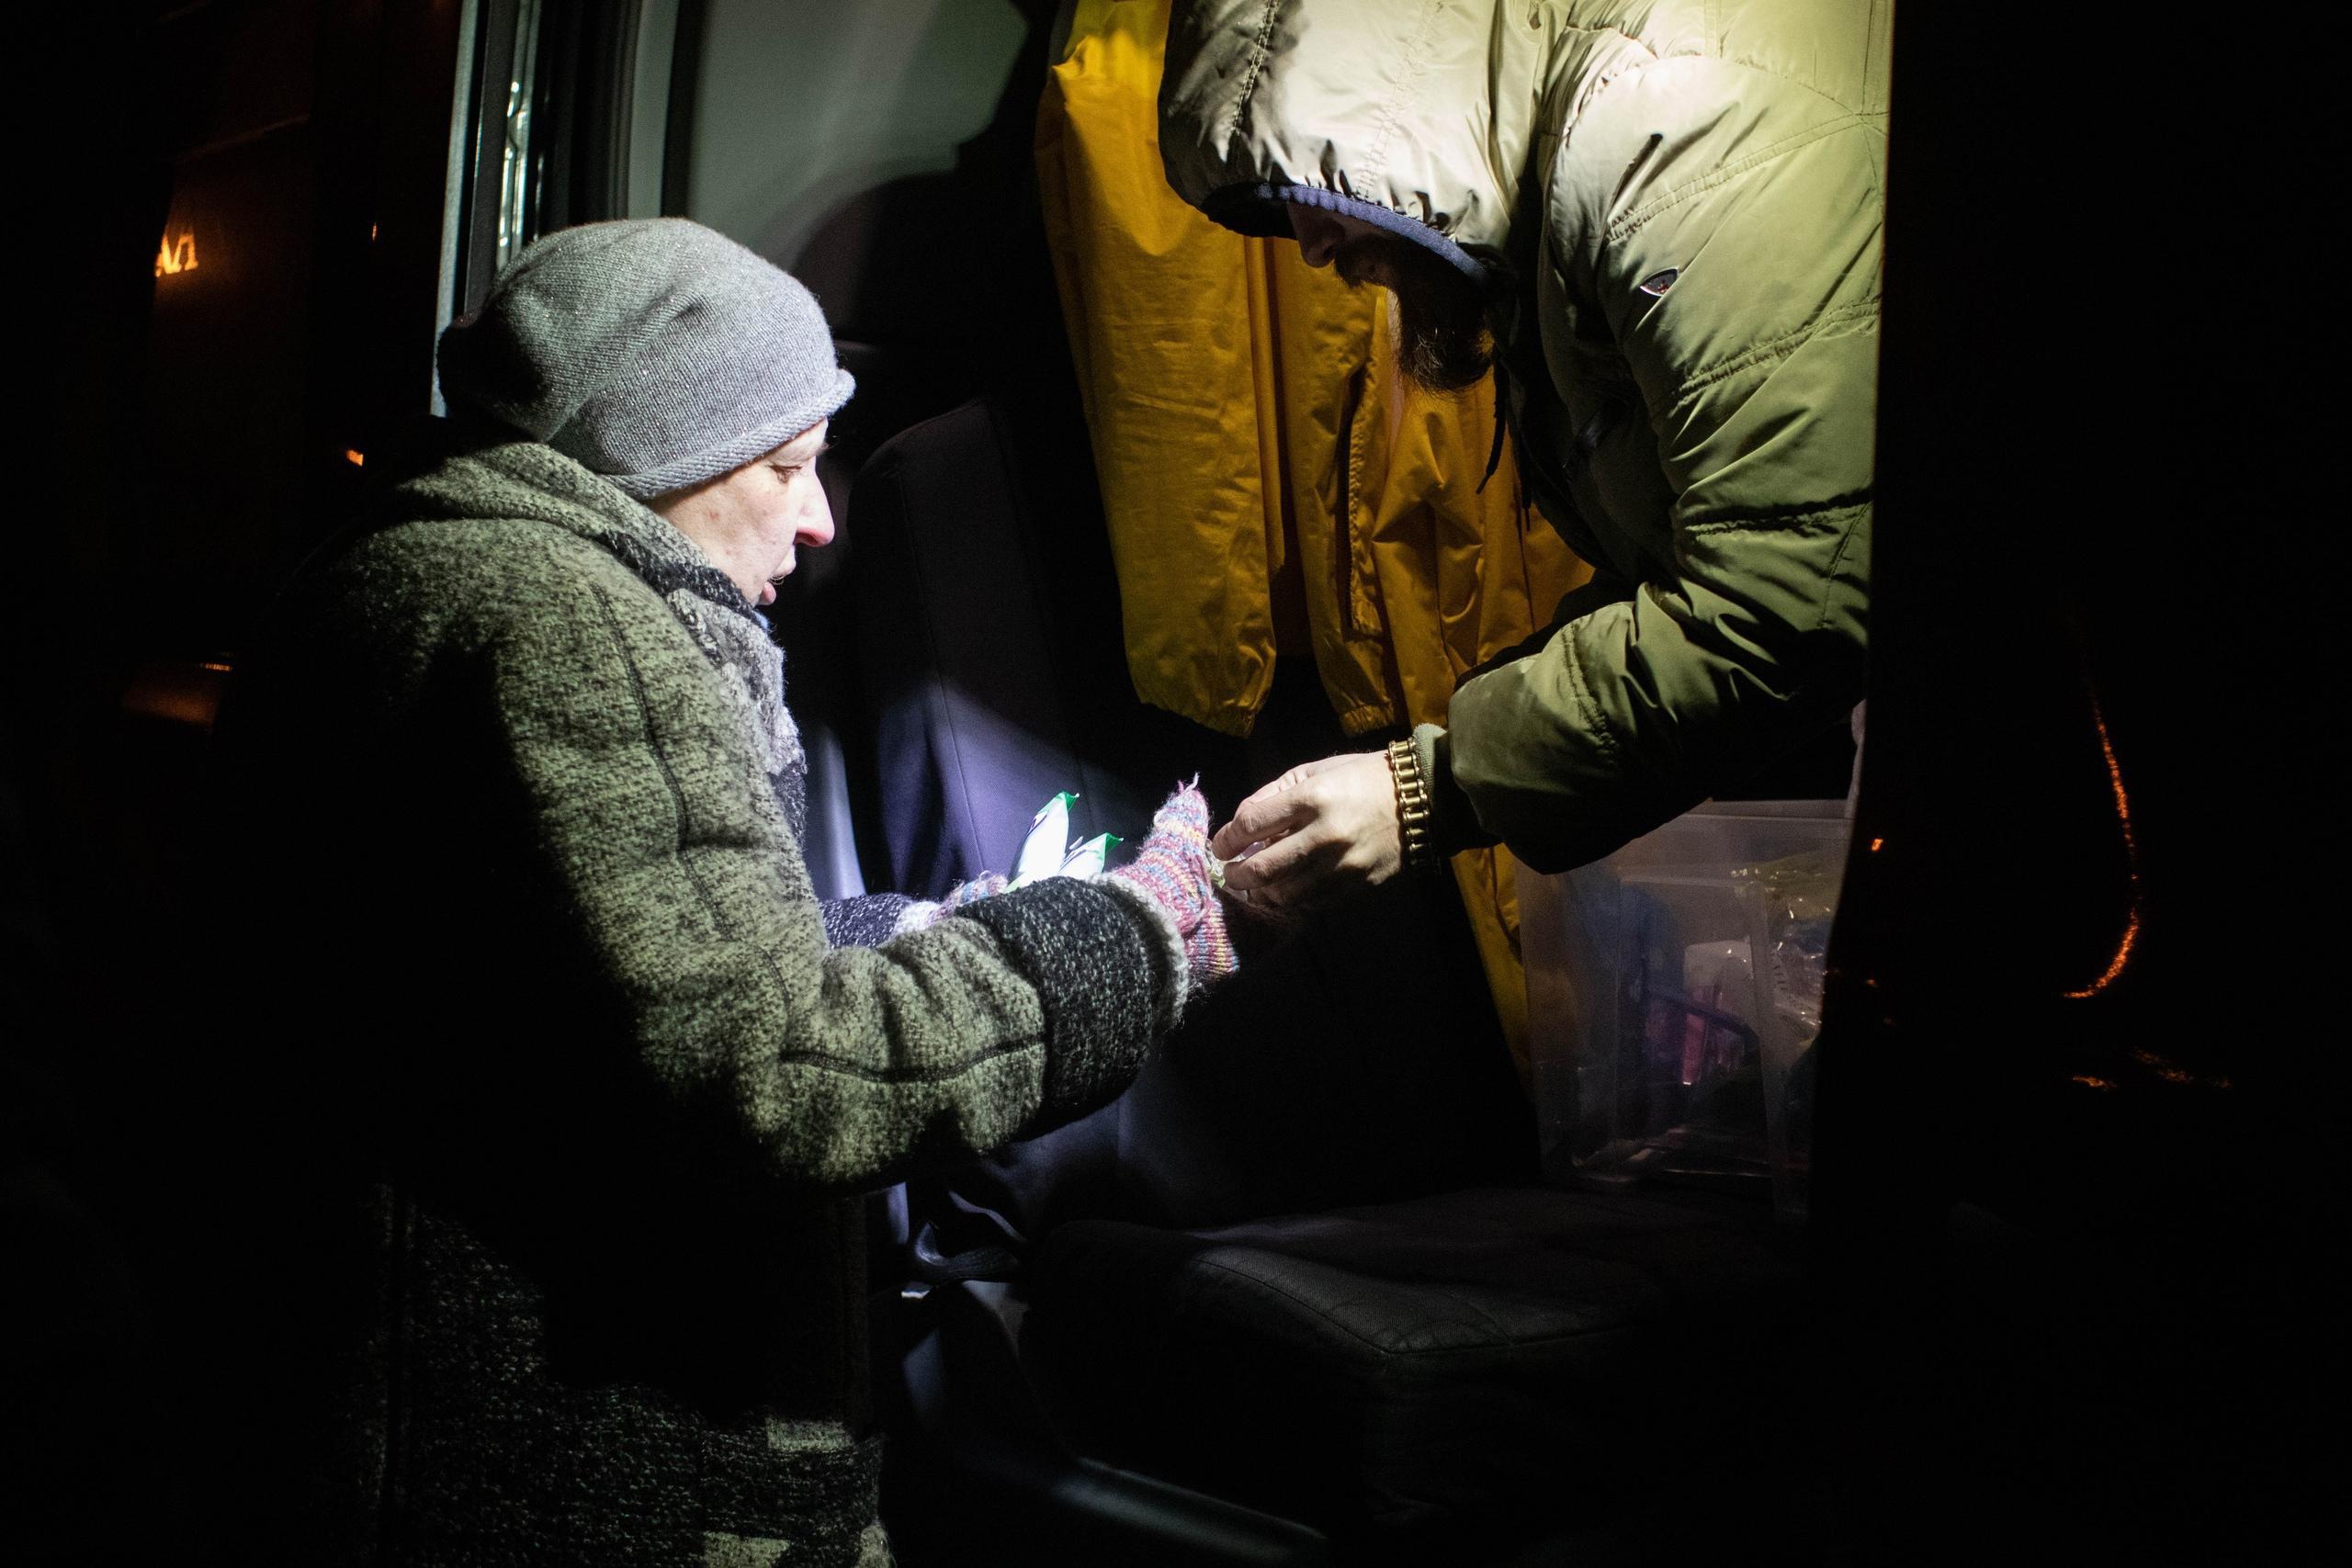 Восемь человек устроились на работу, восемнадцать — получили паспорт граждан РФ, а 954 человека не остались голодными: рассказываем, кому и как помогли в сентябре.